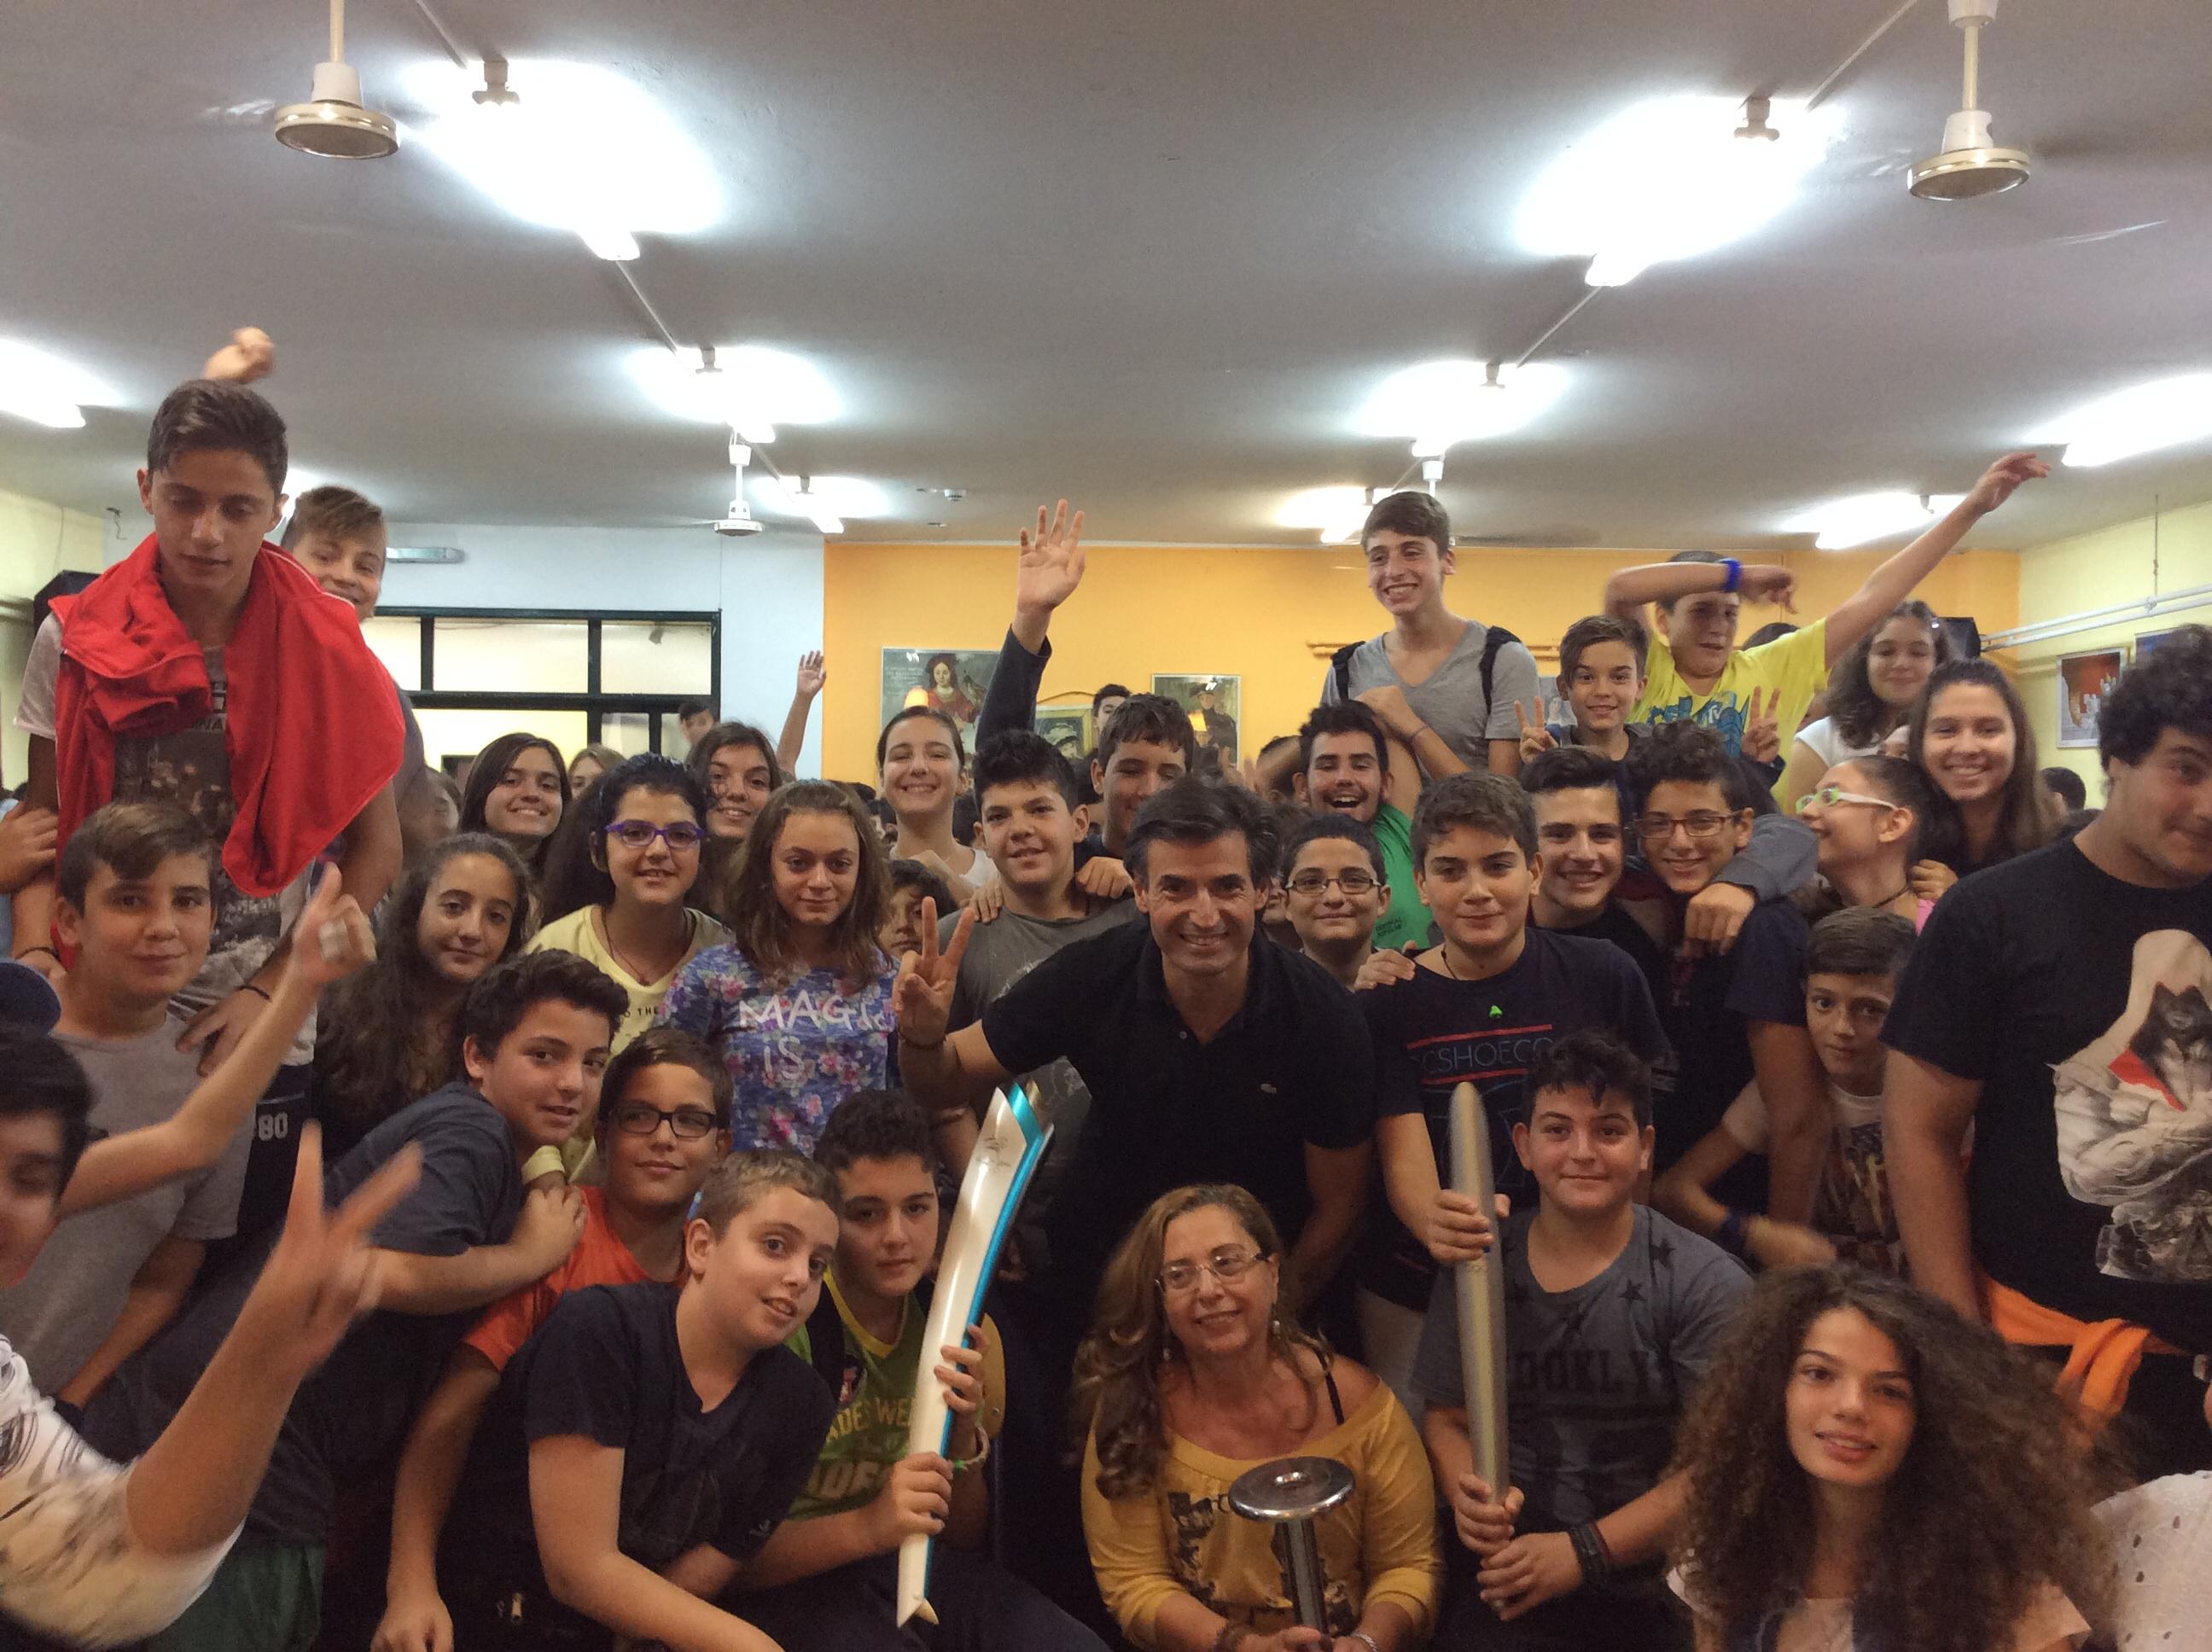 Περιοδεία του Νίκου Μιχαλόπουλου σε σχολεία της Αθήνας